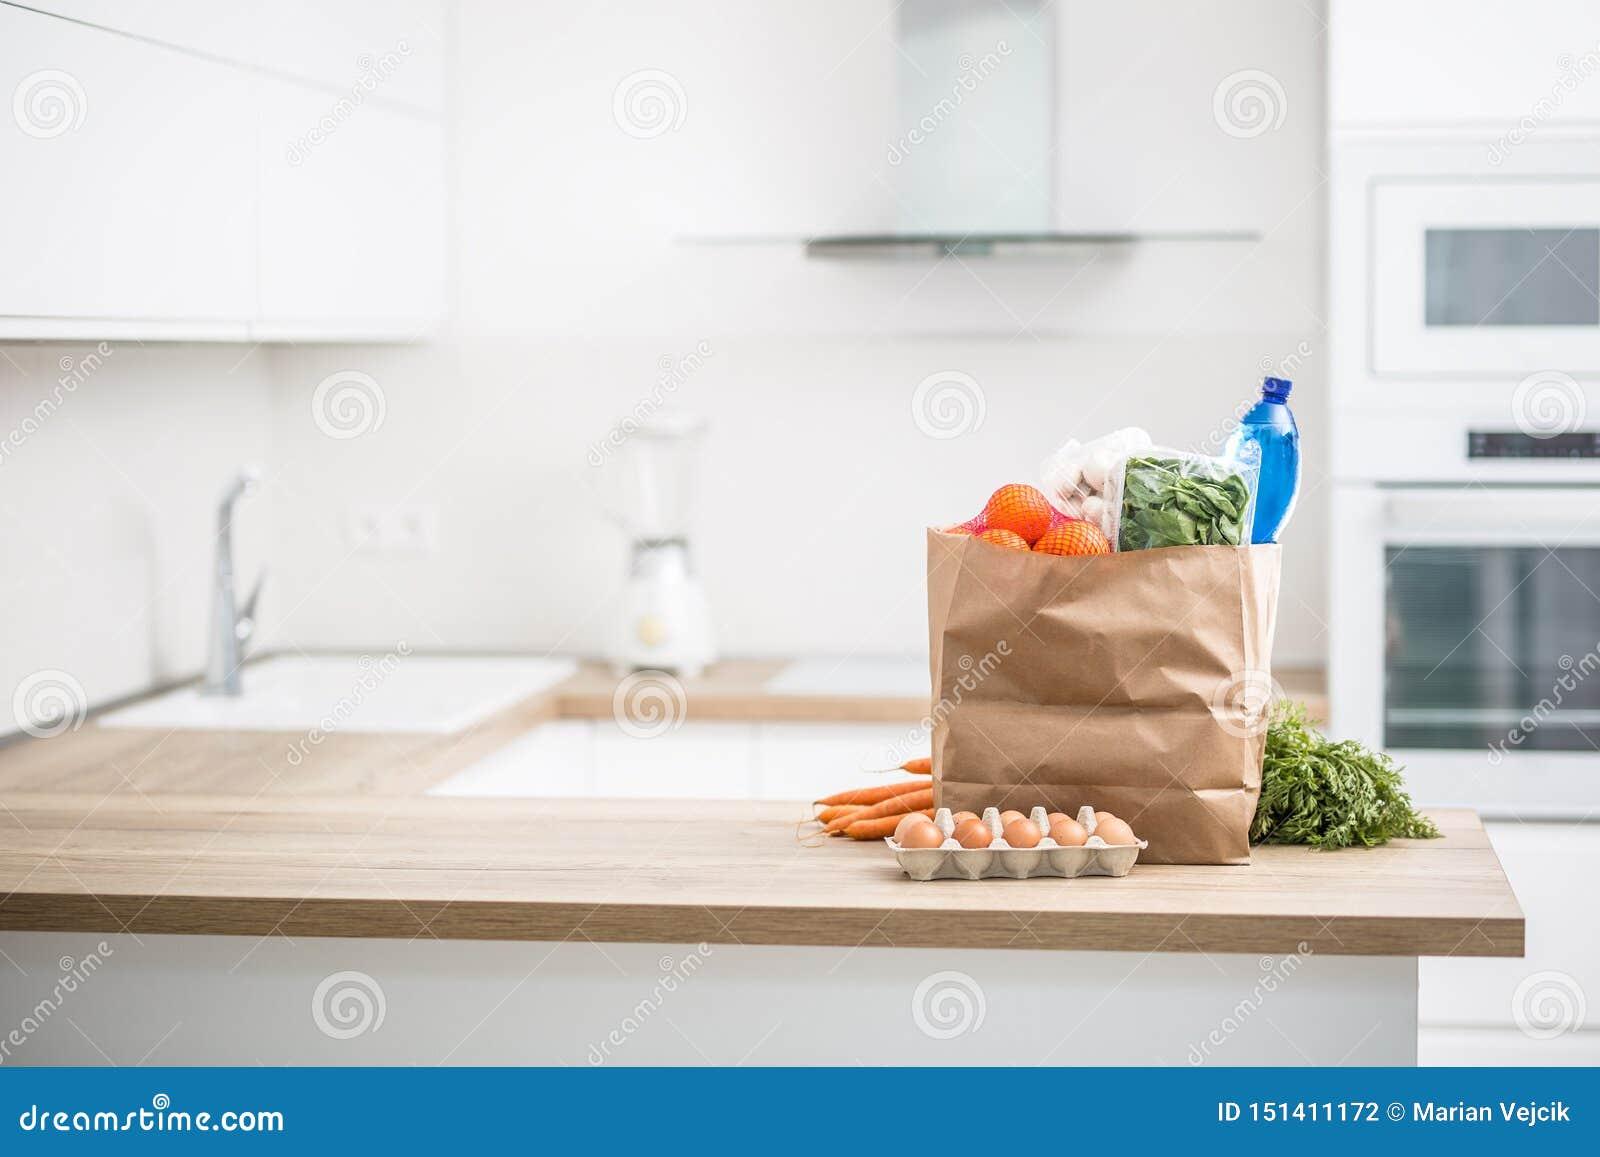 Papiertüte mit Kauf auf Hauptküche